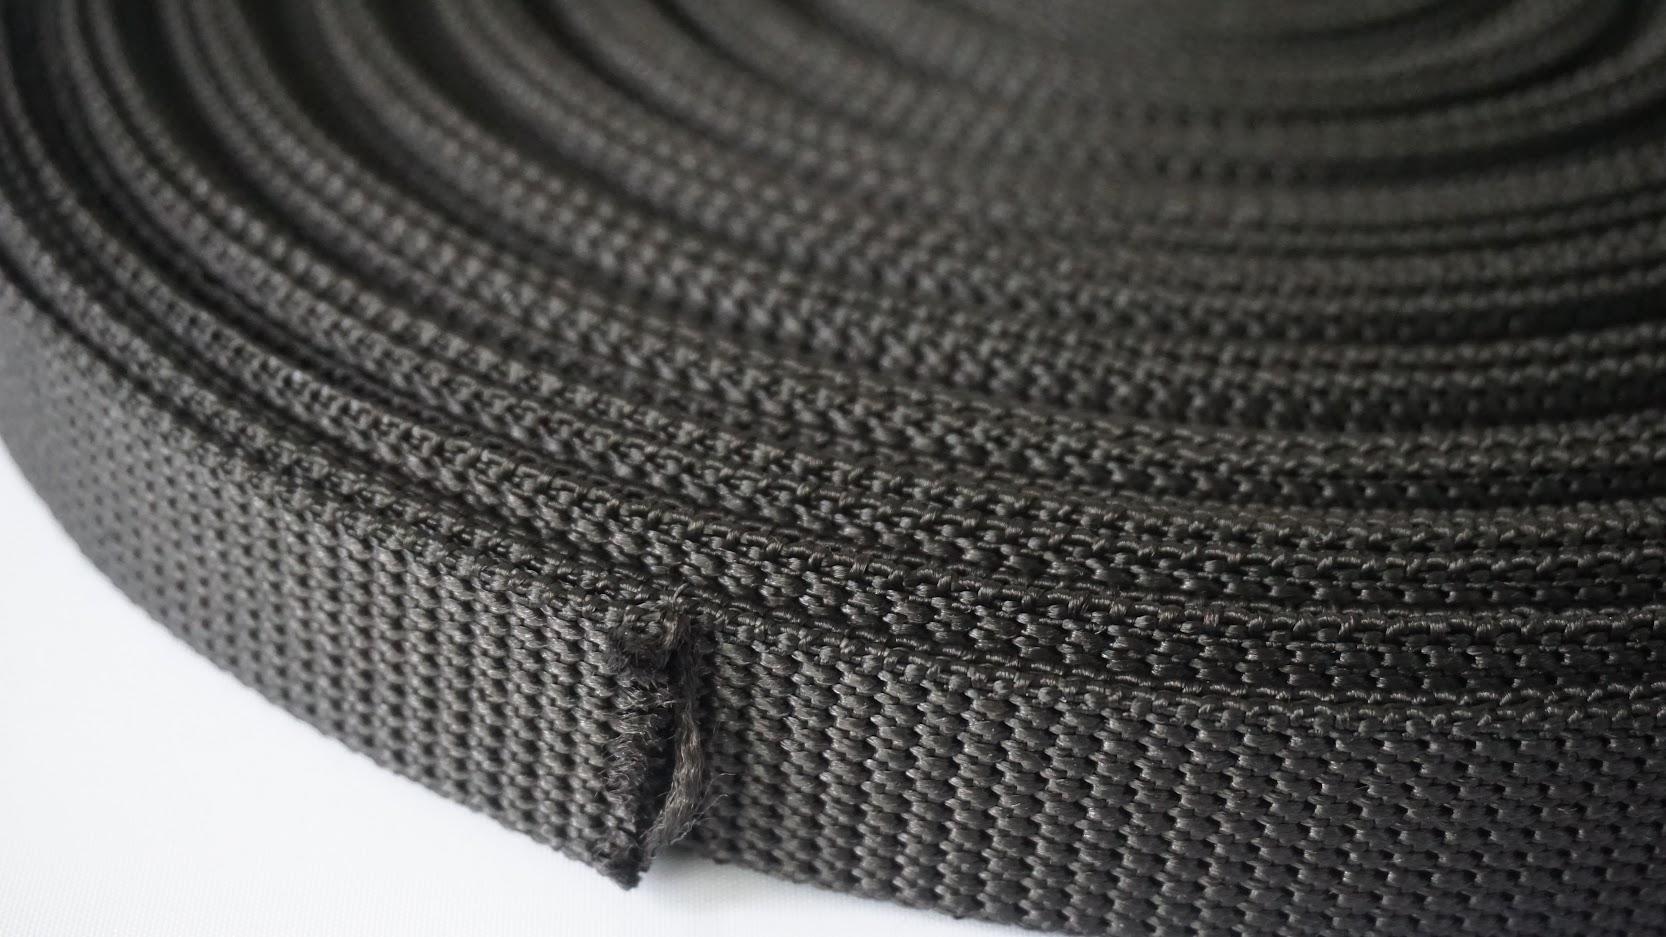 Crna gurtna sa ojačanjem. Izrada svih vrsta po željenoj dimenziji i boji.